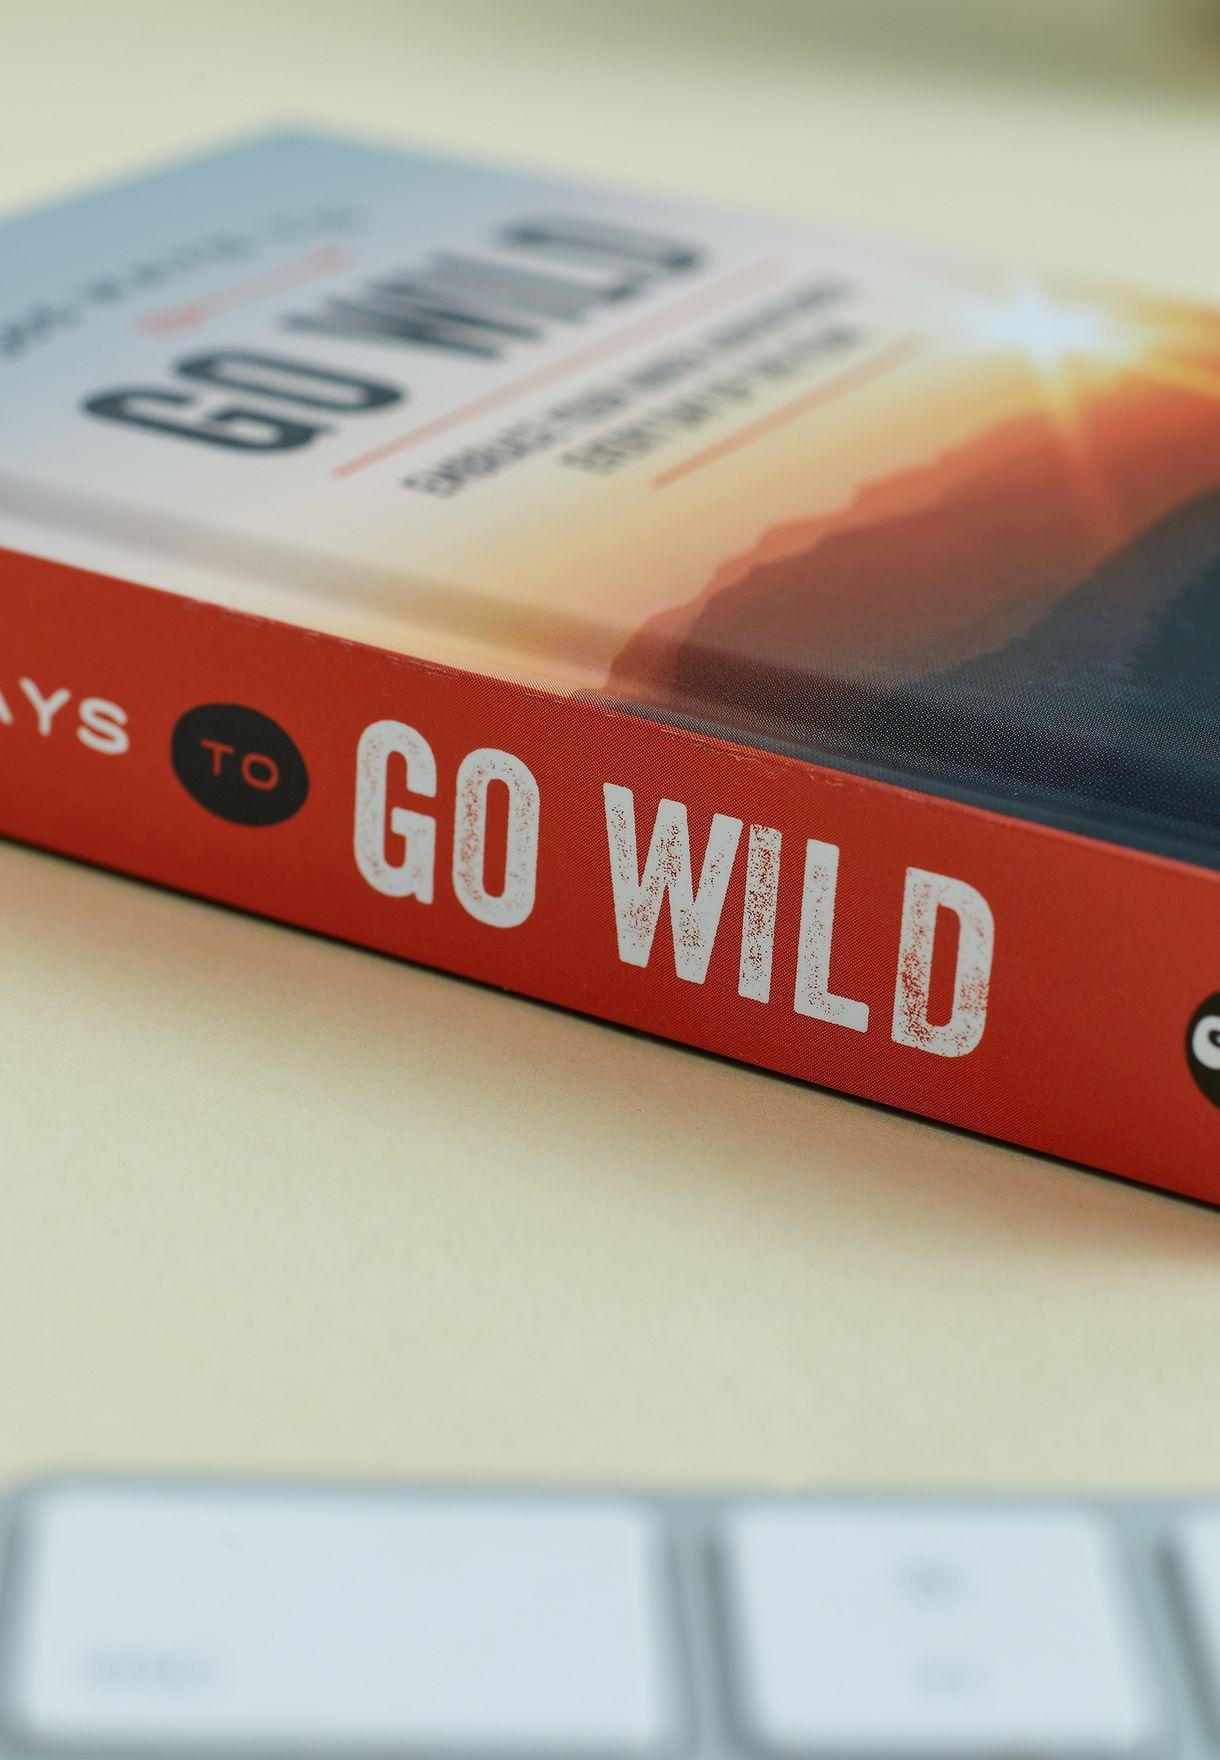 كتاب 365 ويز تو غو وايلد